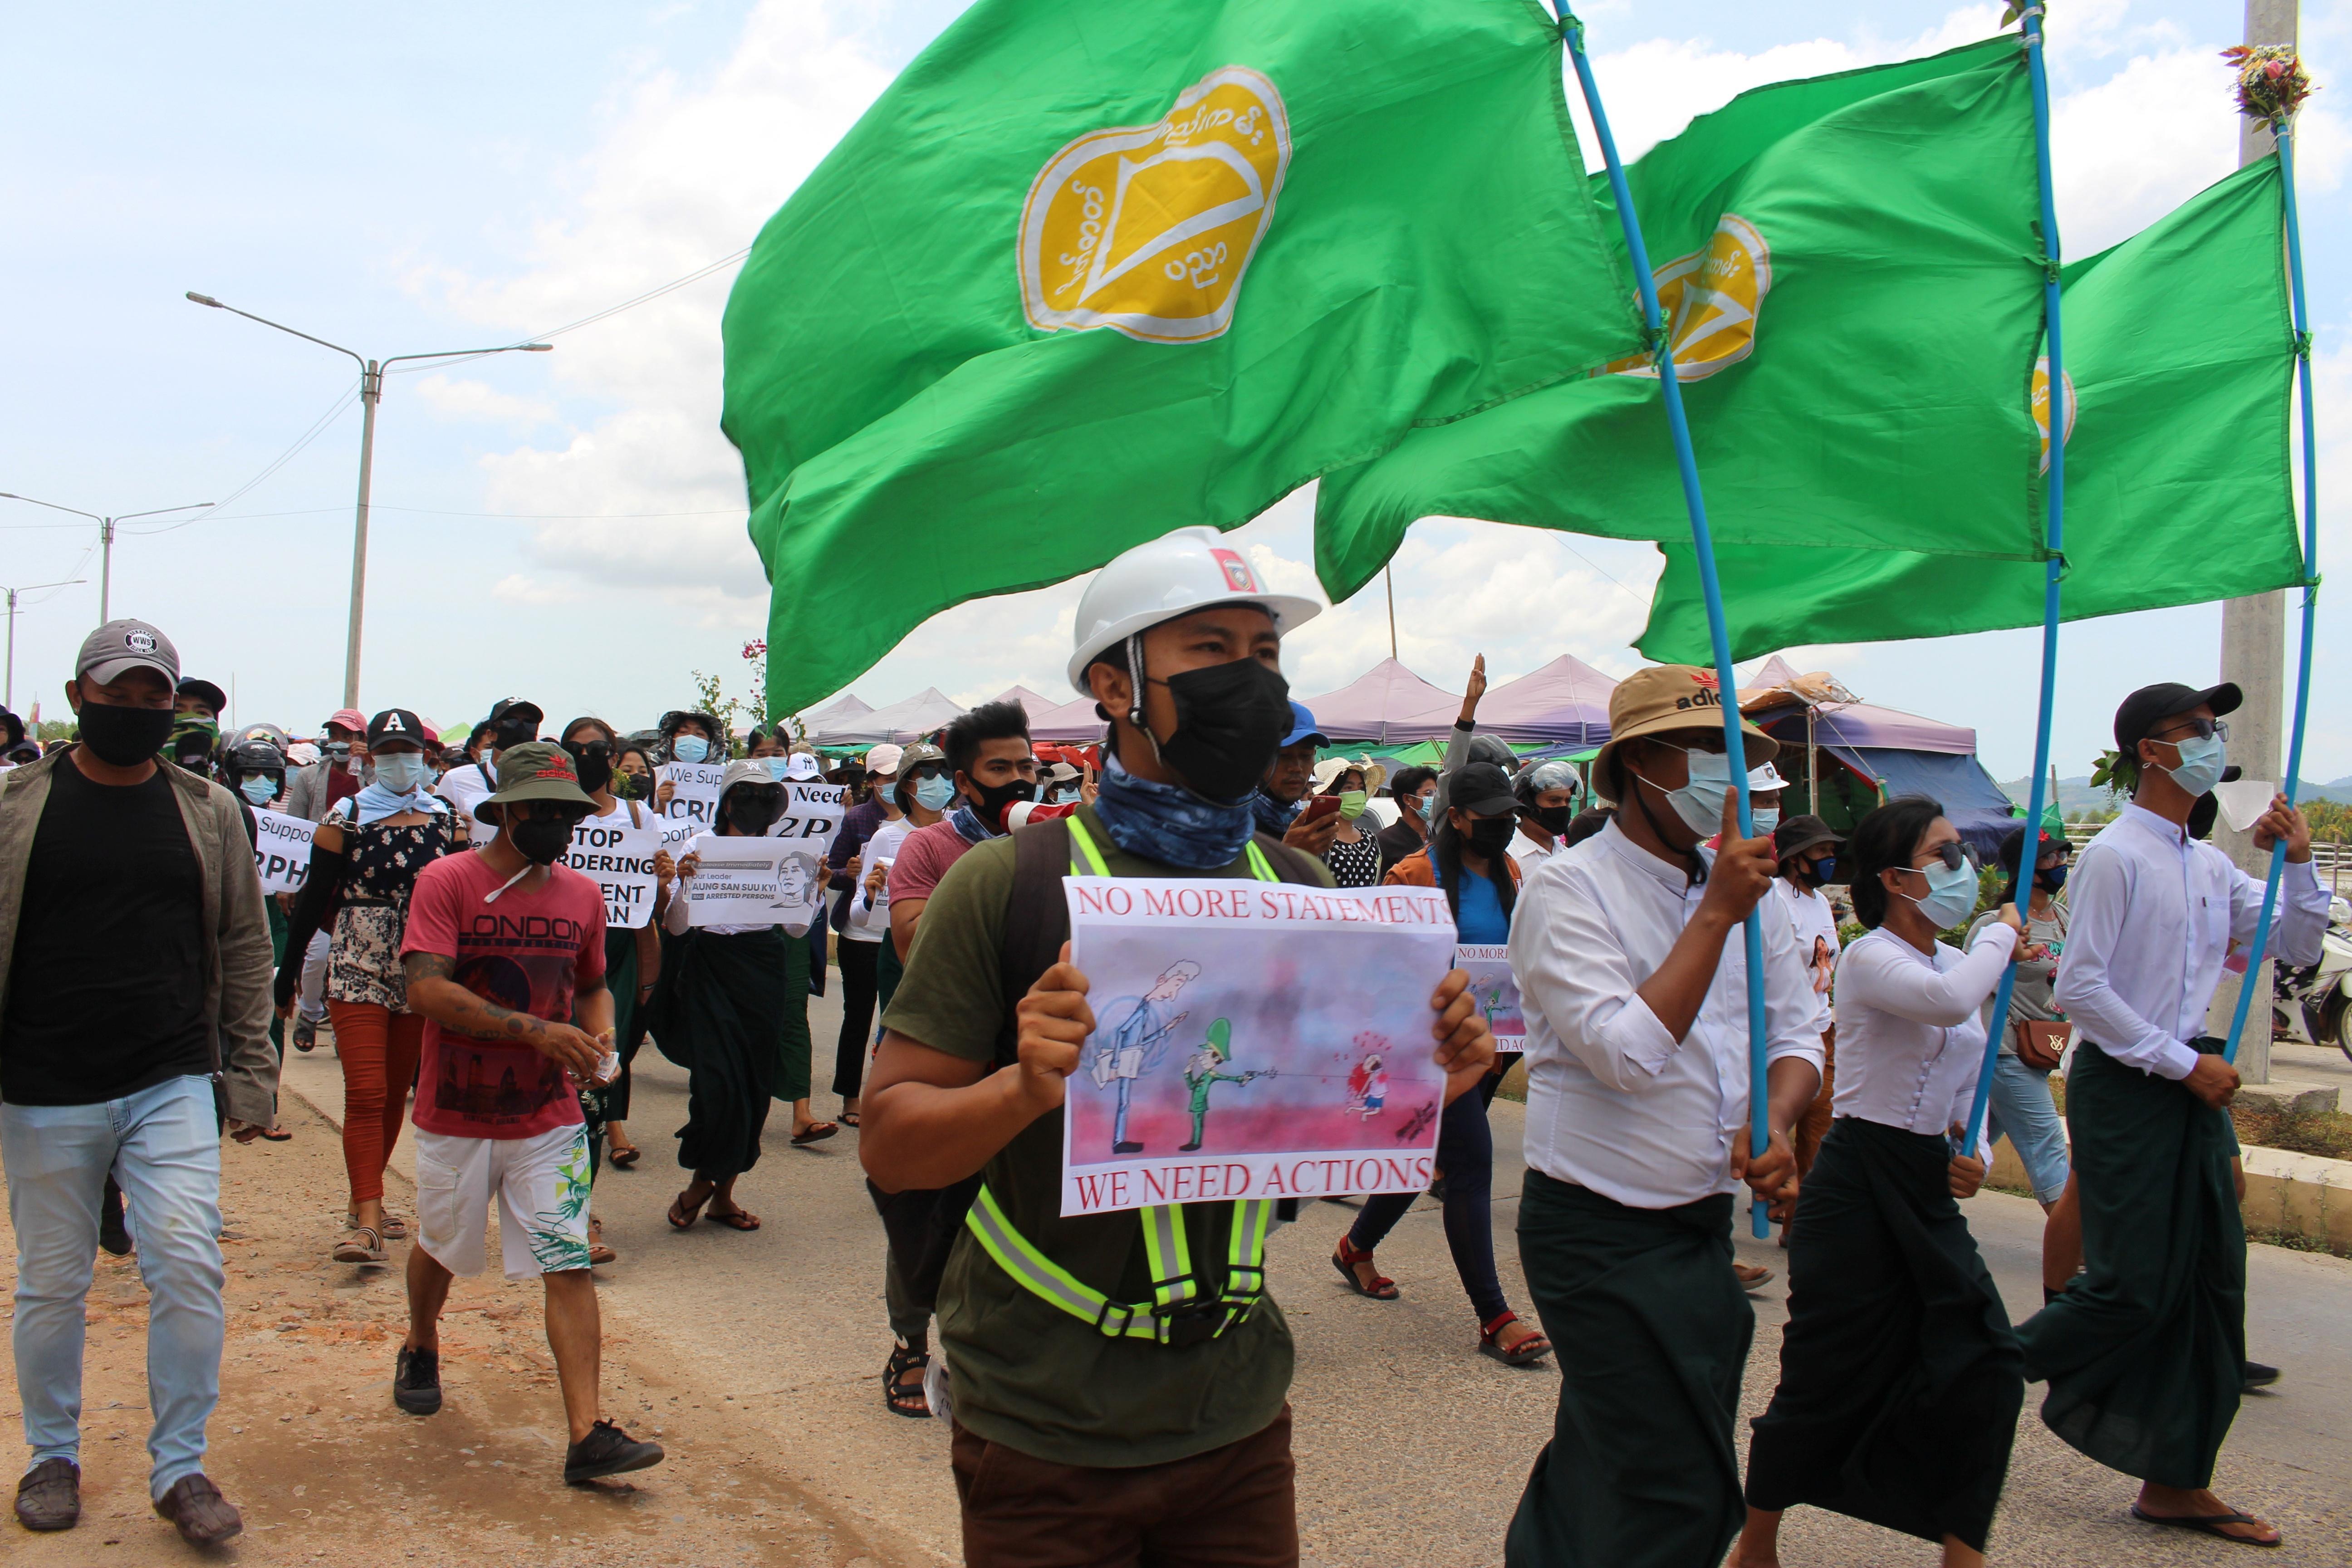 Nga cảnh báo các biện pháp trừng phạt có thể gây 'nội chiến' ở Myanmar Ảnh 1